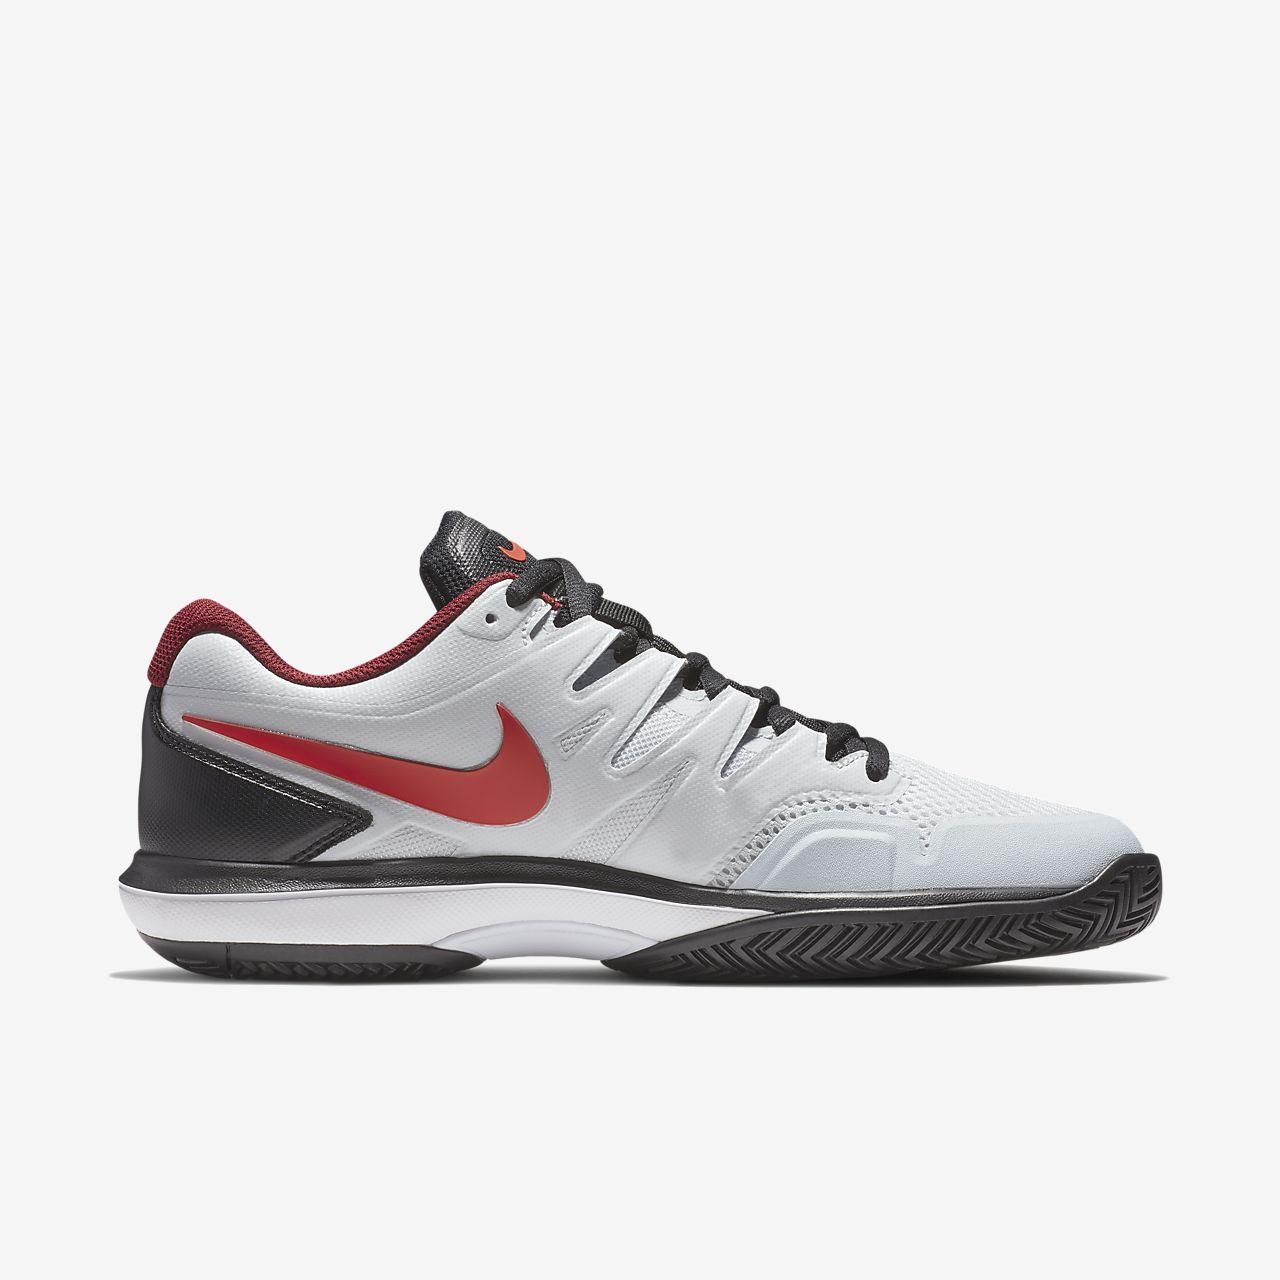 Sconti Uomo Tennis Scarpe Nike Acquista Off63 SgTTqX 244c22e875c